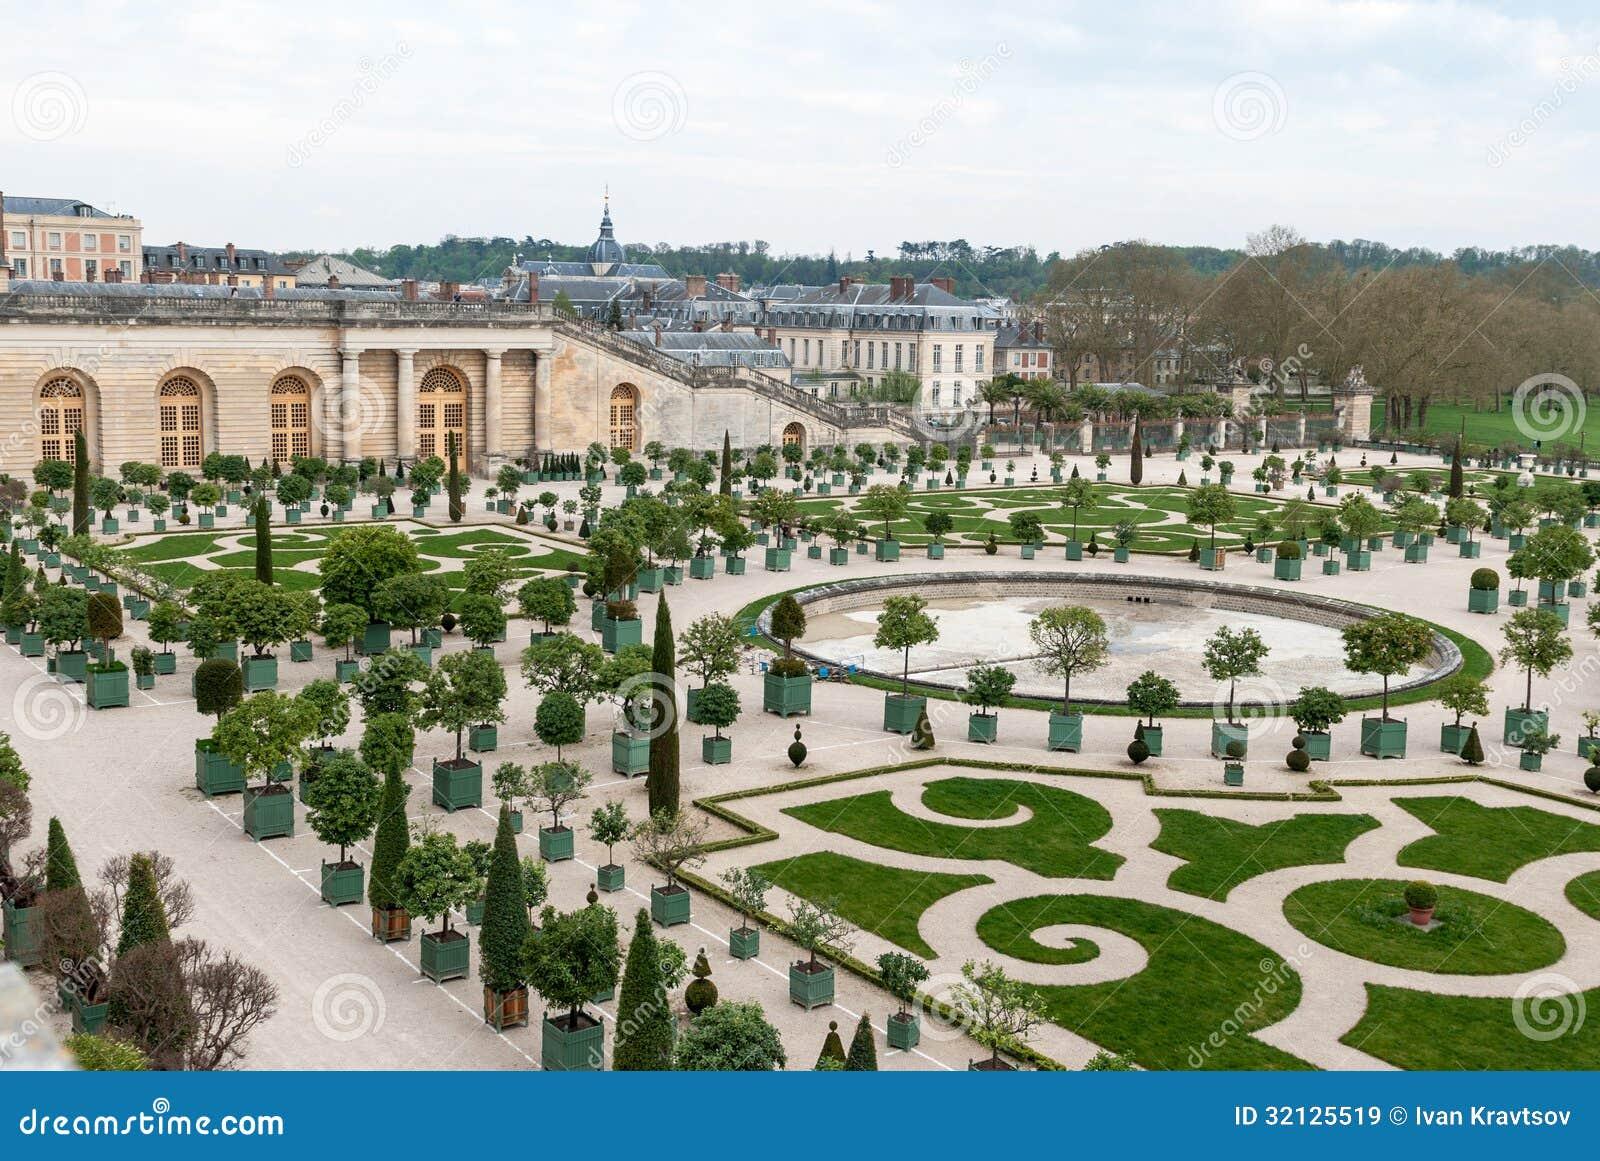 Garden of versailles stock image image of power region for Architecte des batiments de france versailles